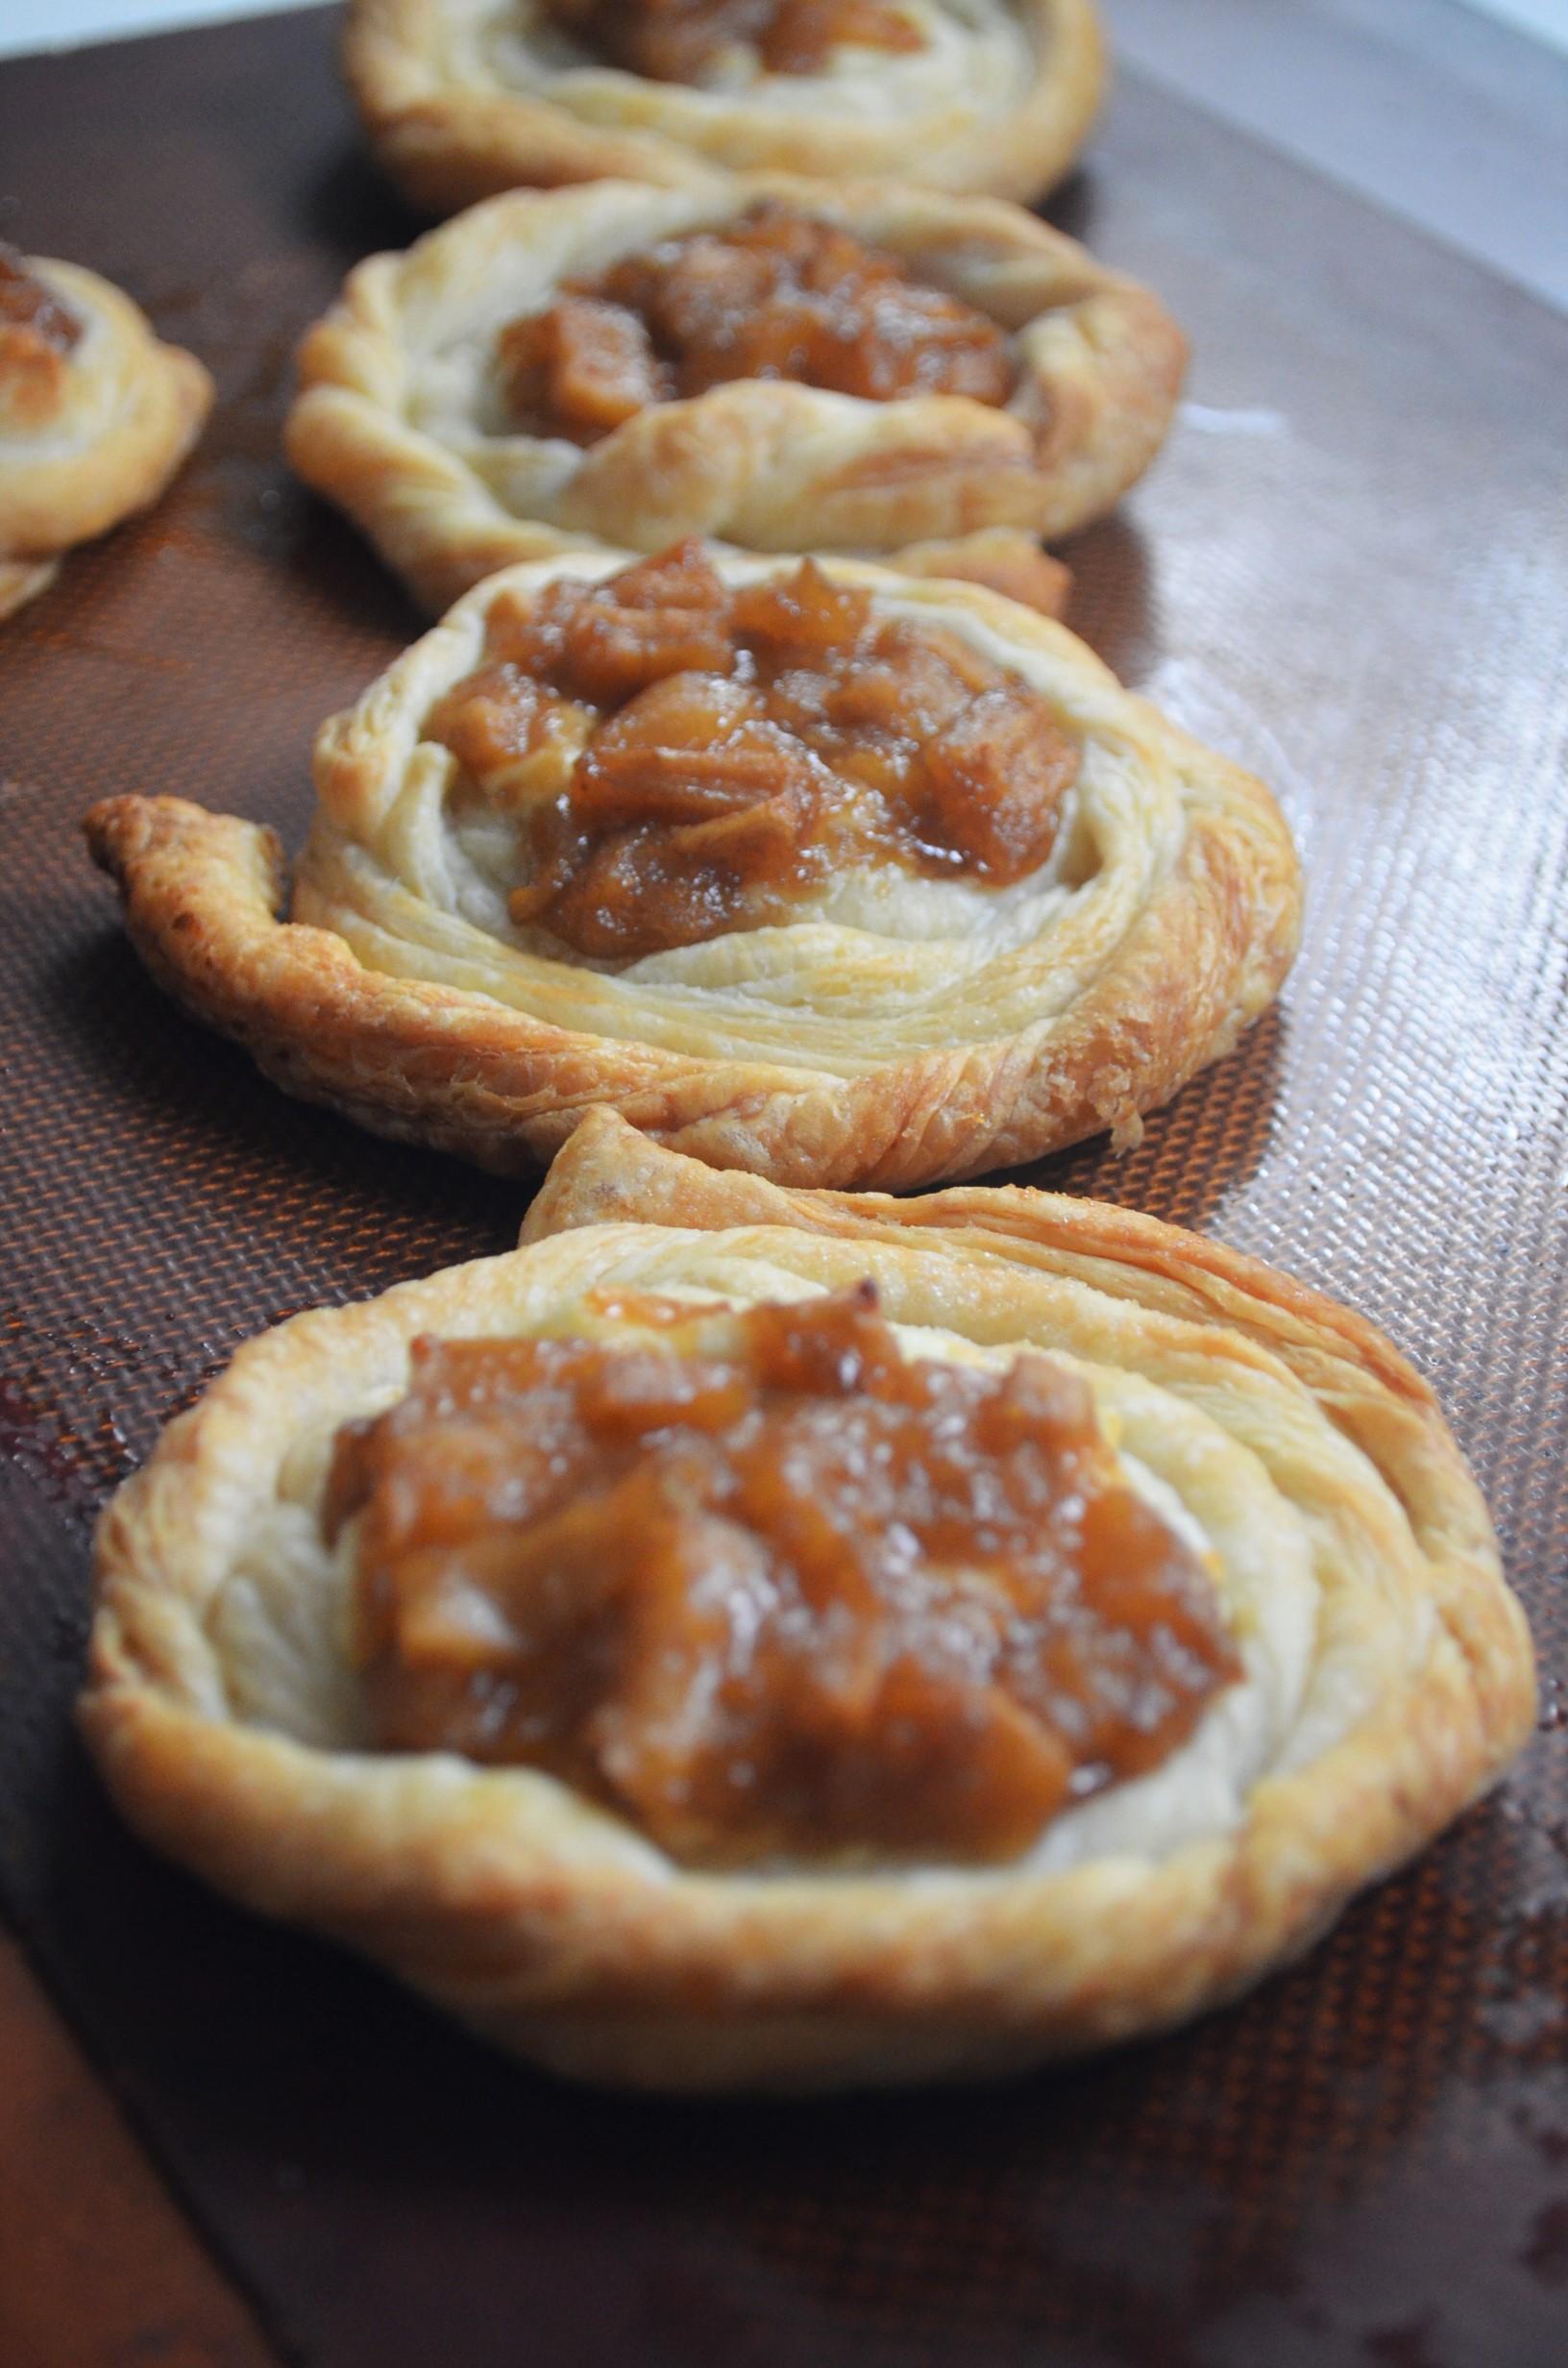 Homemade Applish Danish Puff Pastry